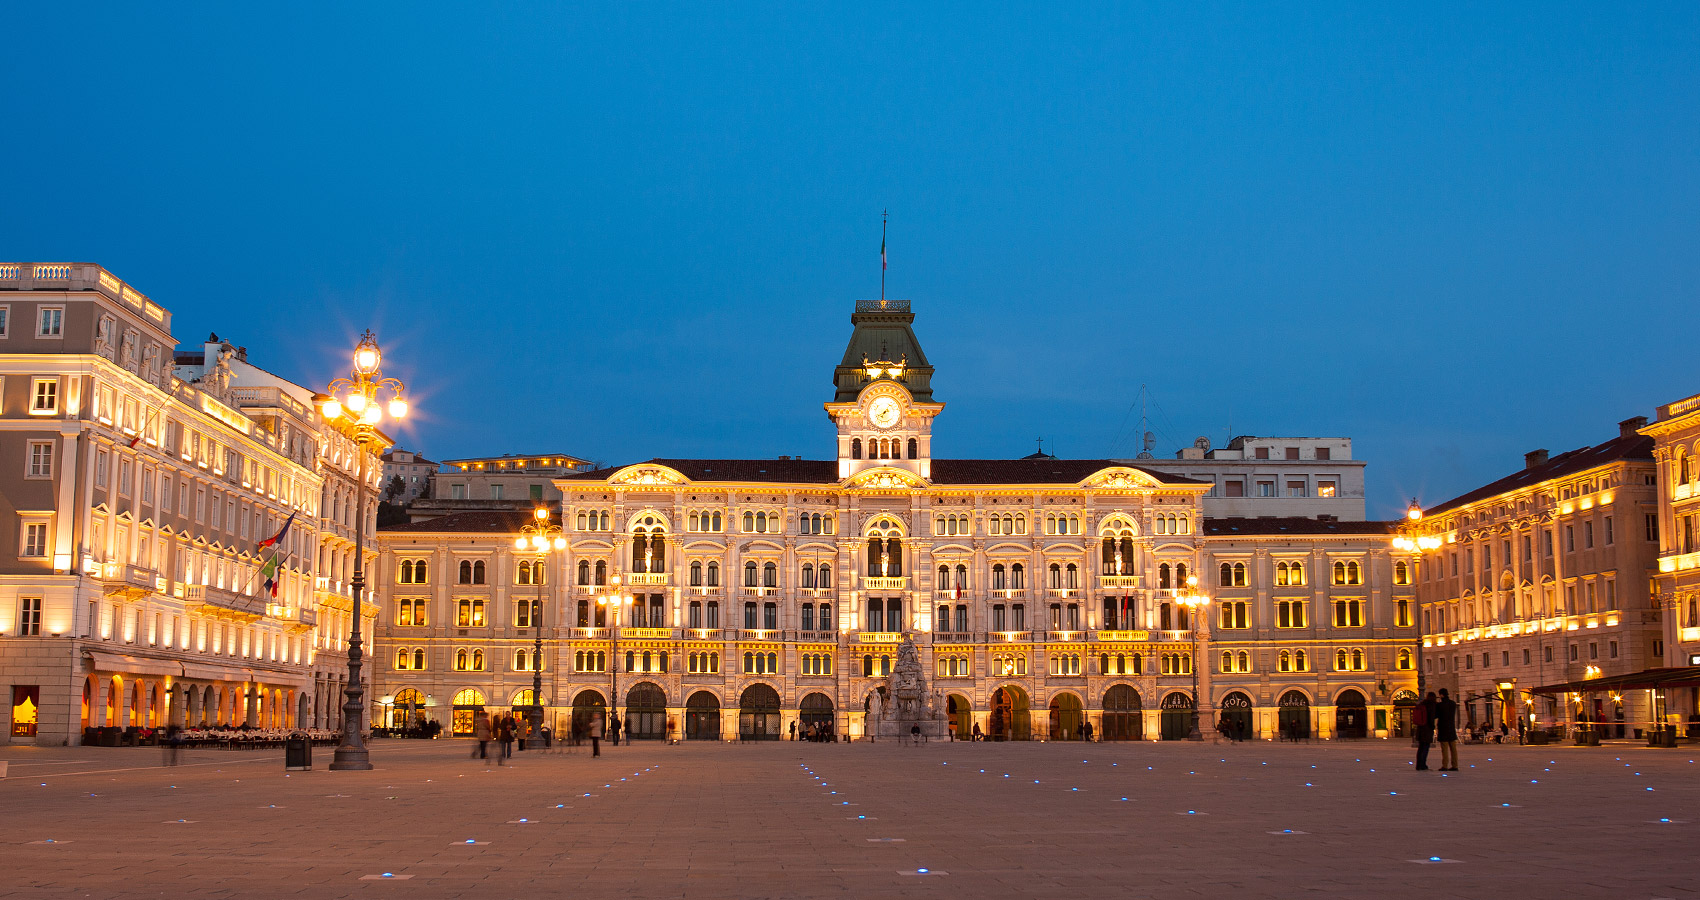 Trieste / Trst / Triest